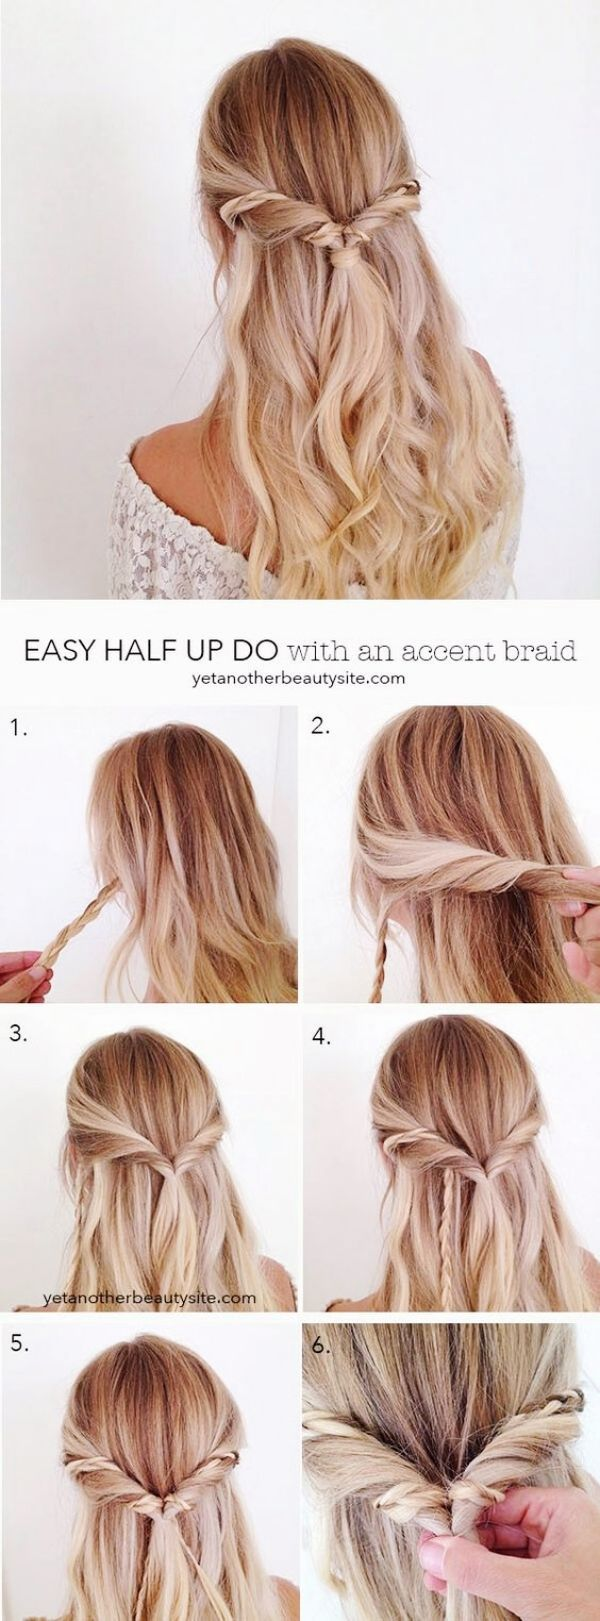 Greek Goddess Half Up Half Down Hairstyles Haare Einfach Flechten Geflochtene Frisuren Leichte Frisuren Lange Haare